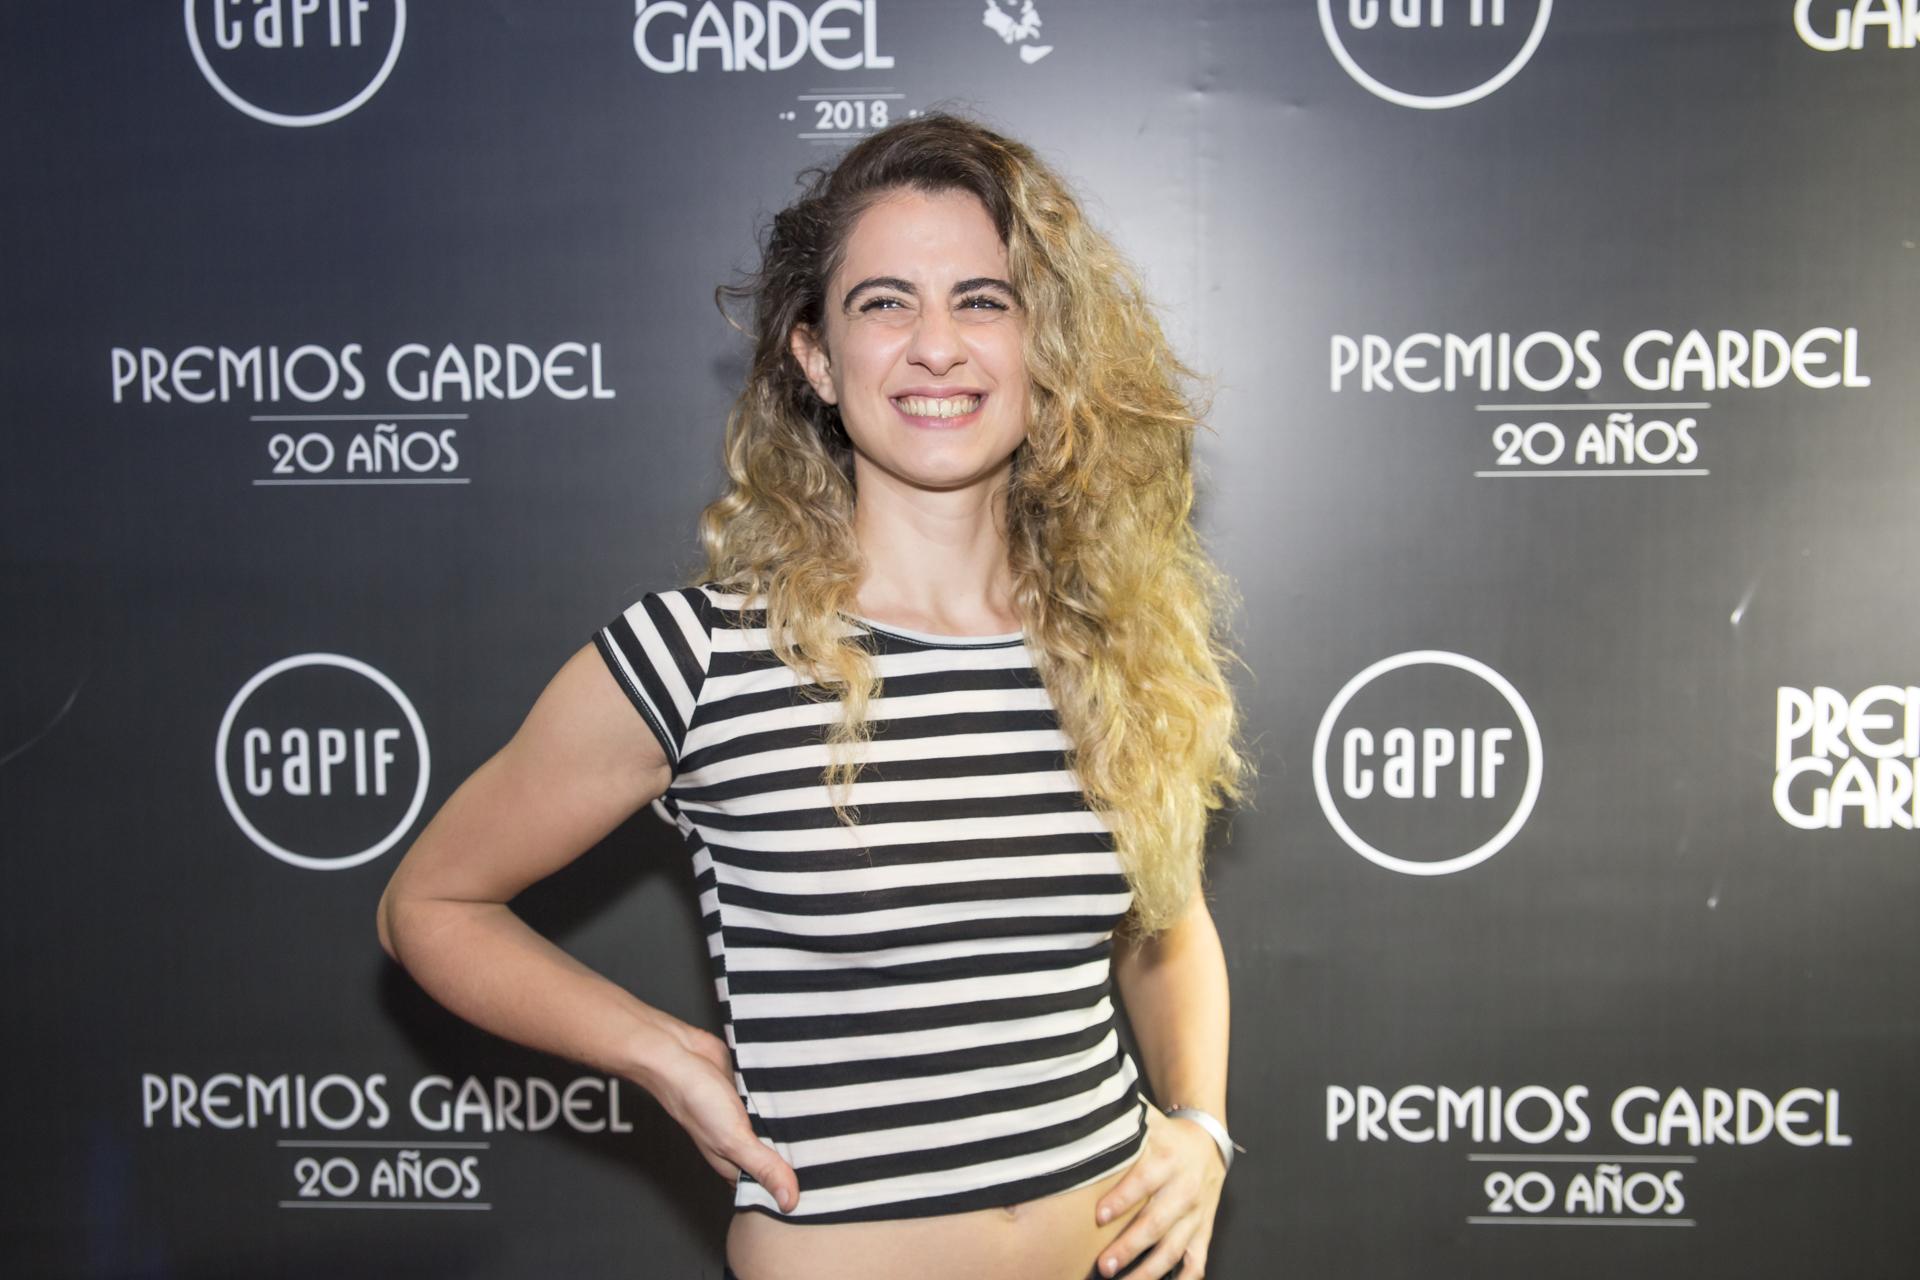 Nominaciones Gardel  2018